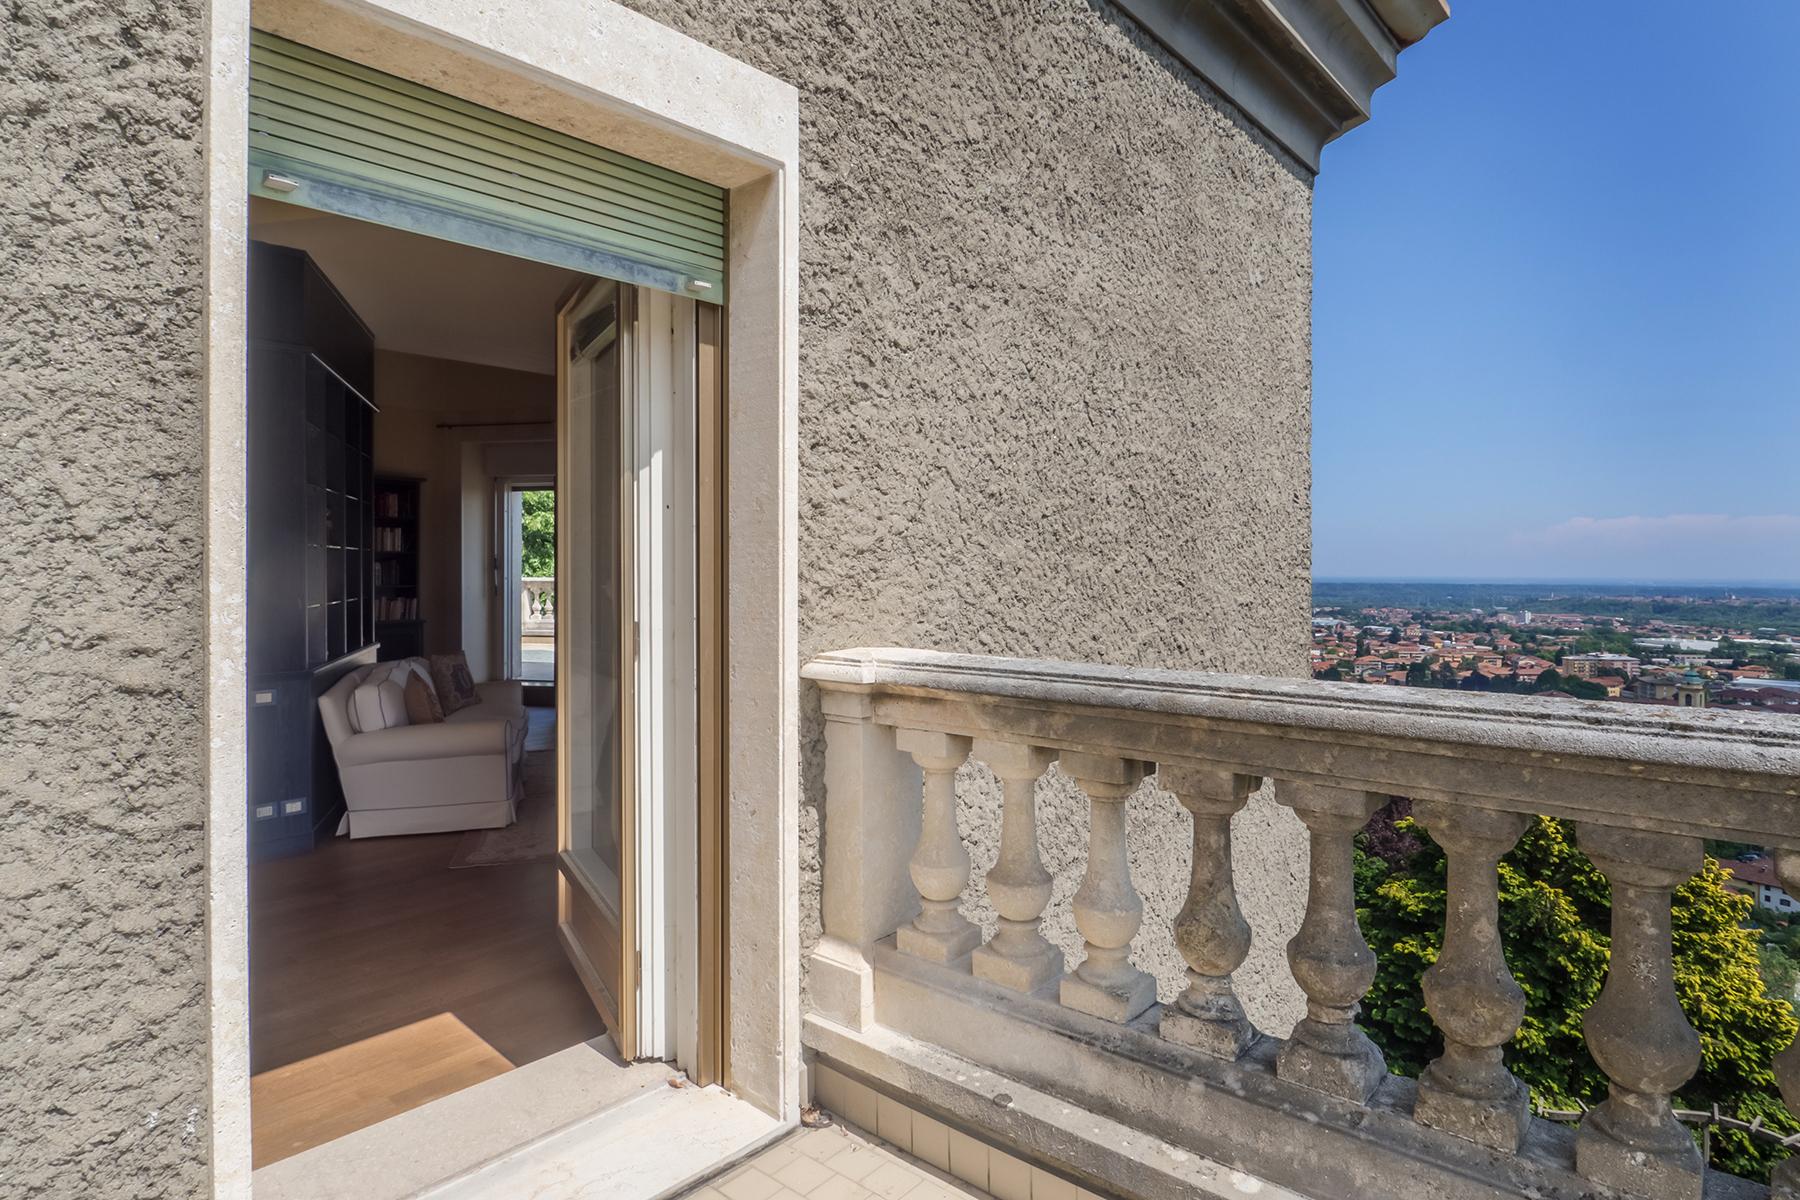 Appartamento in Vendita a Biella: 5 locali, 422 mq - Foto 17